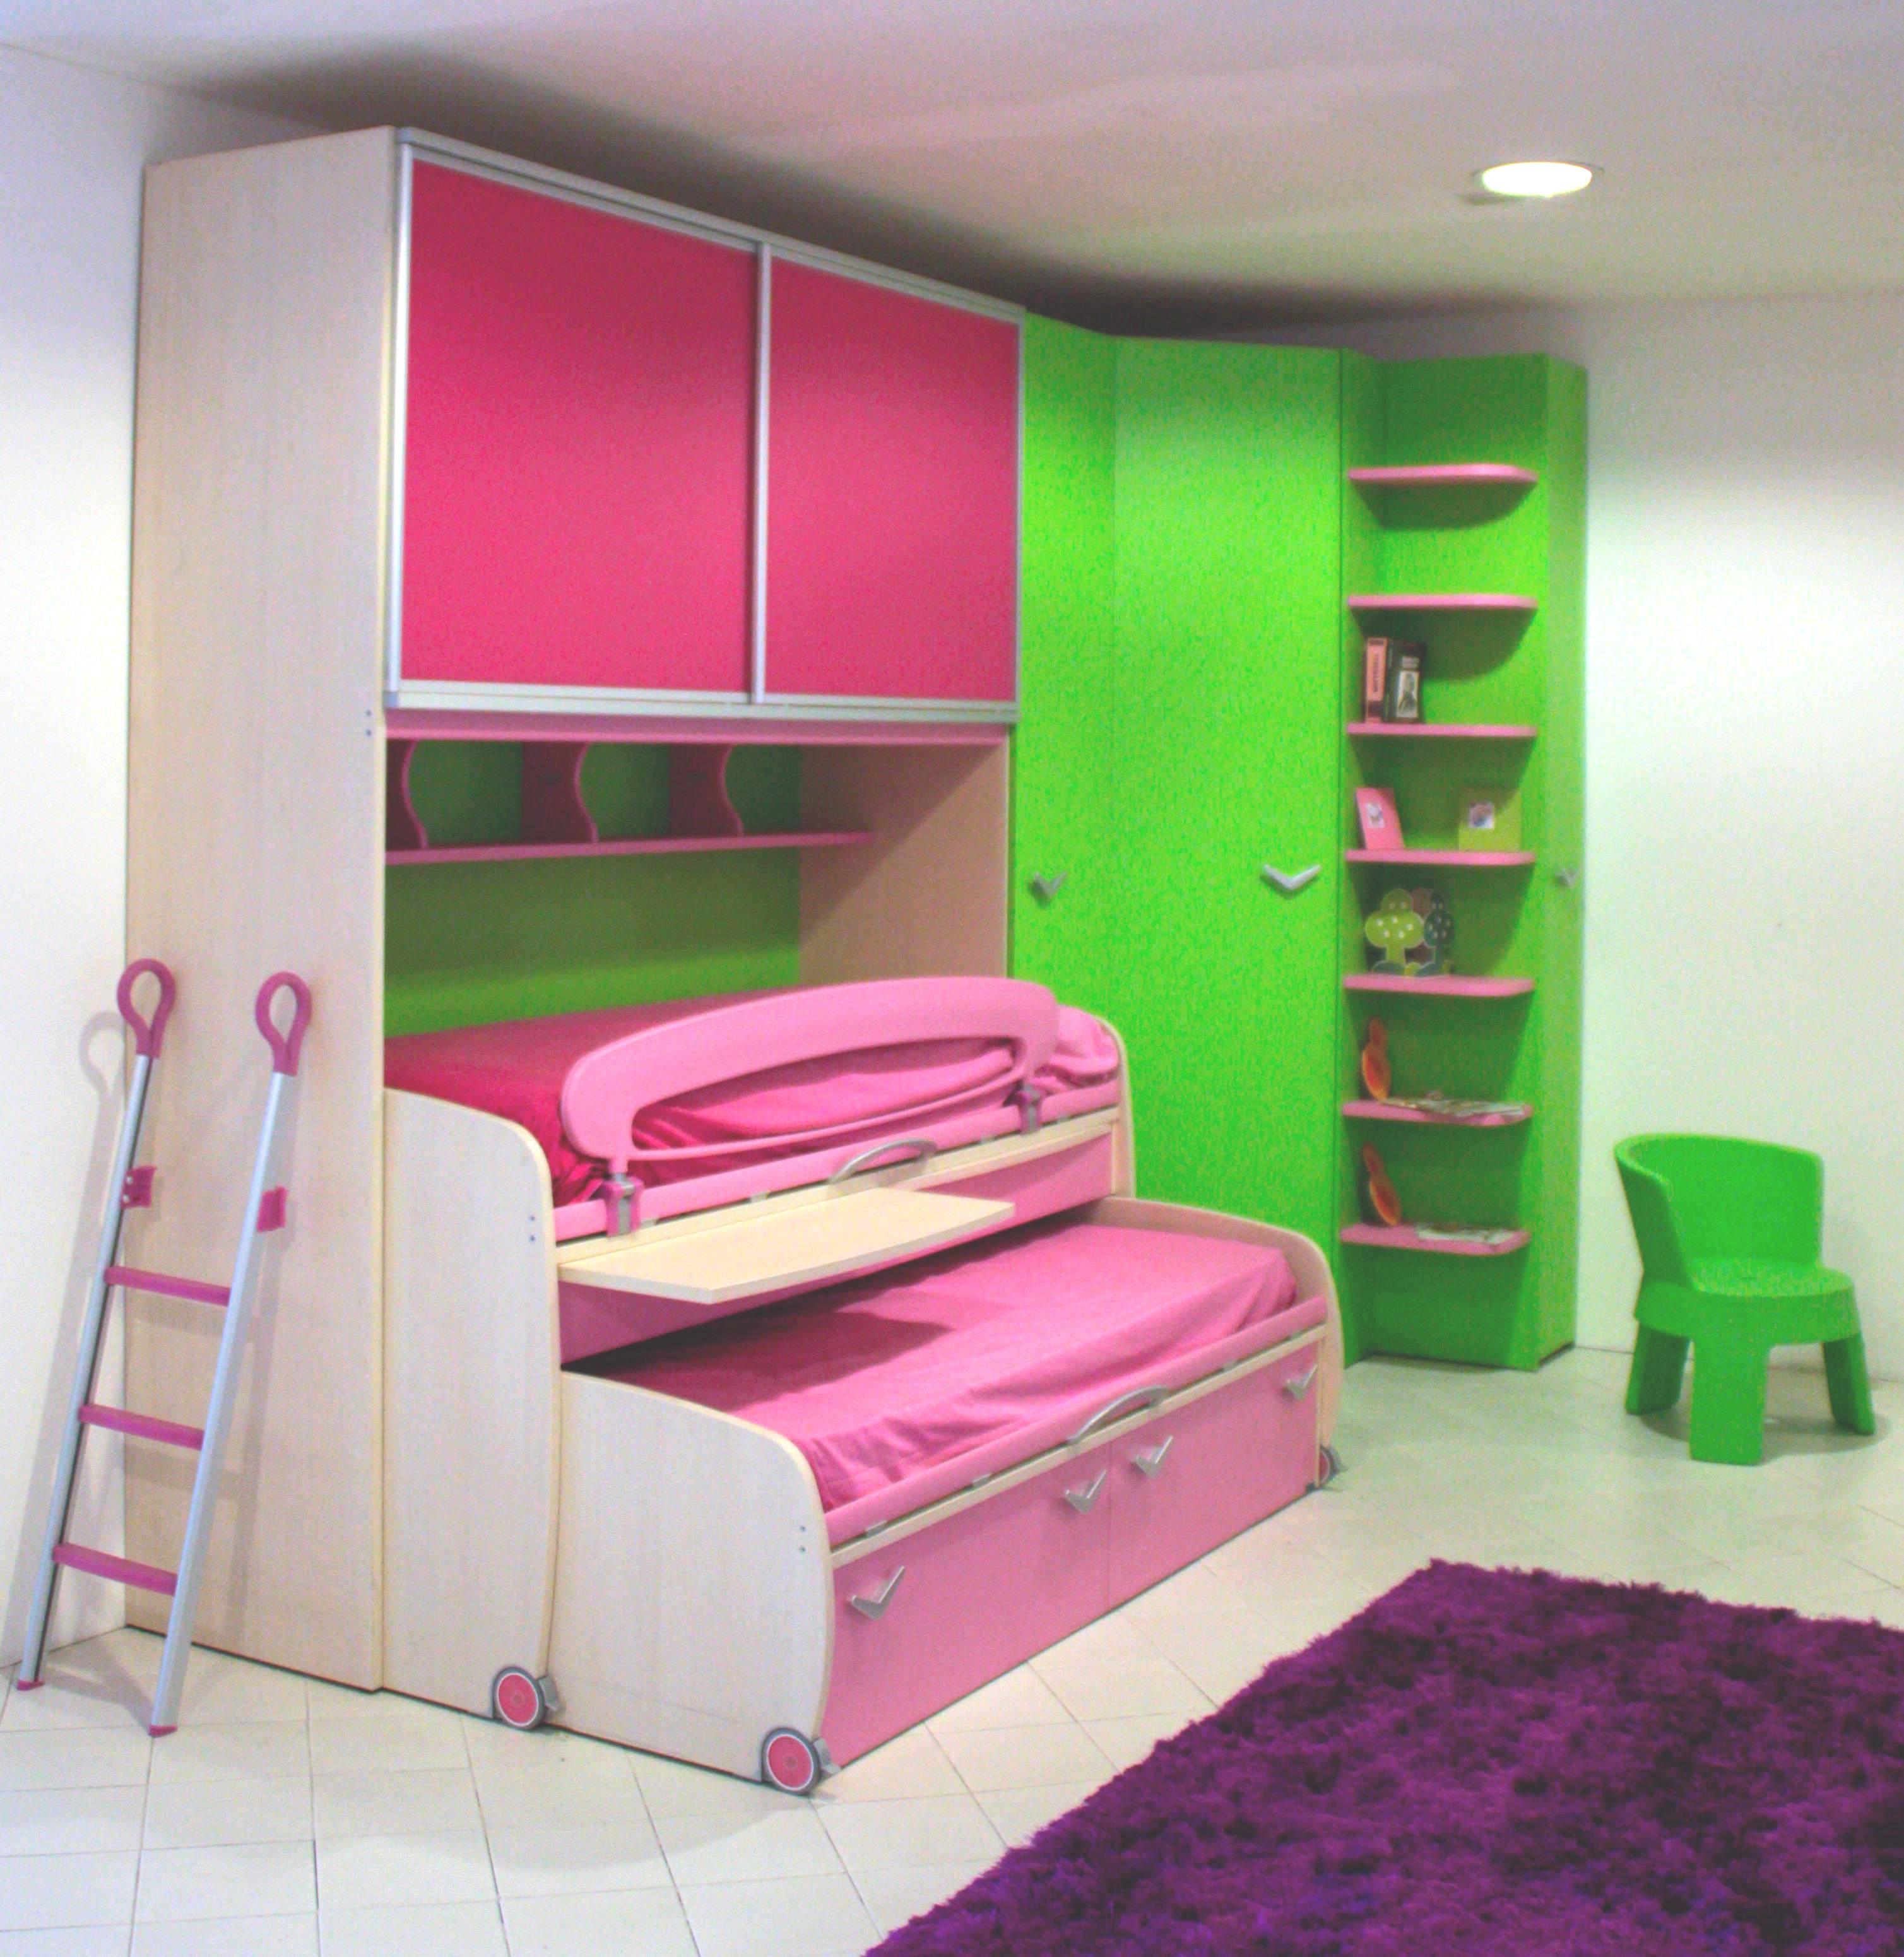 Moretti Compact Sirius ~ Idee Creative e Innovative Sulla Casa e l ...